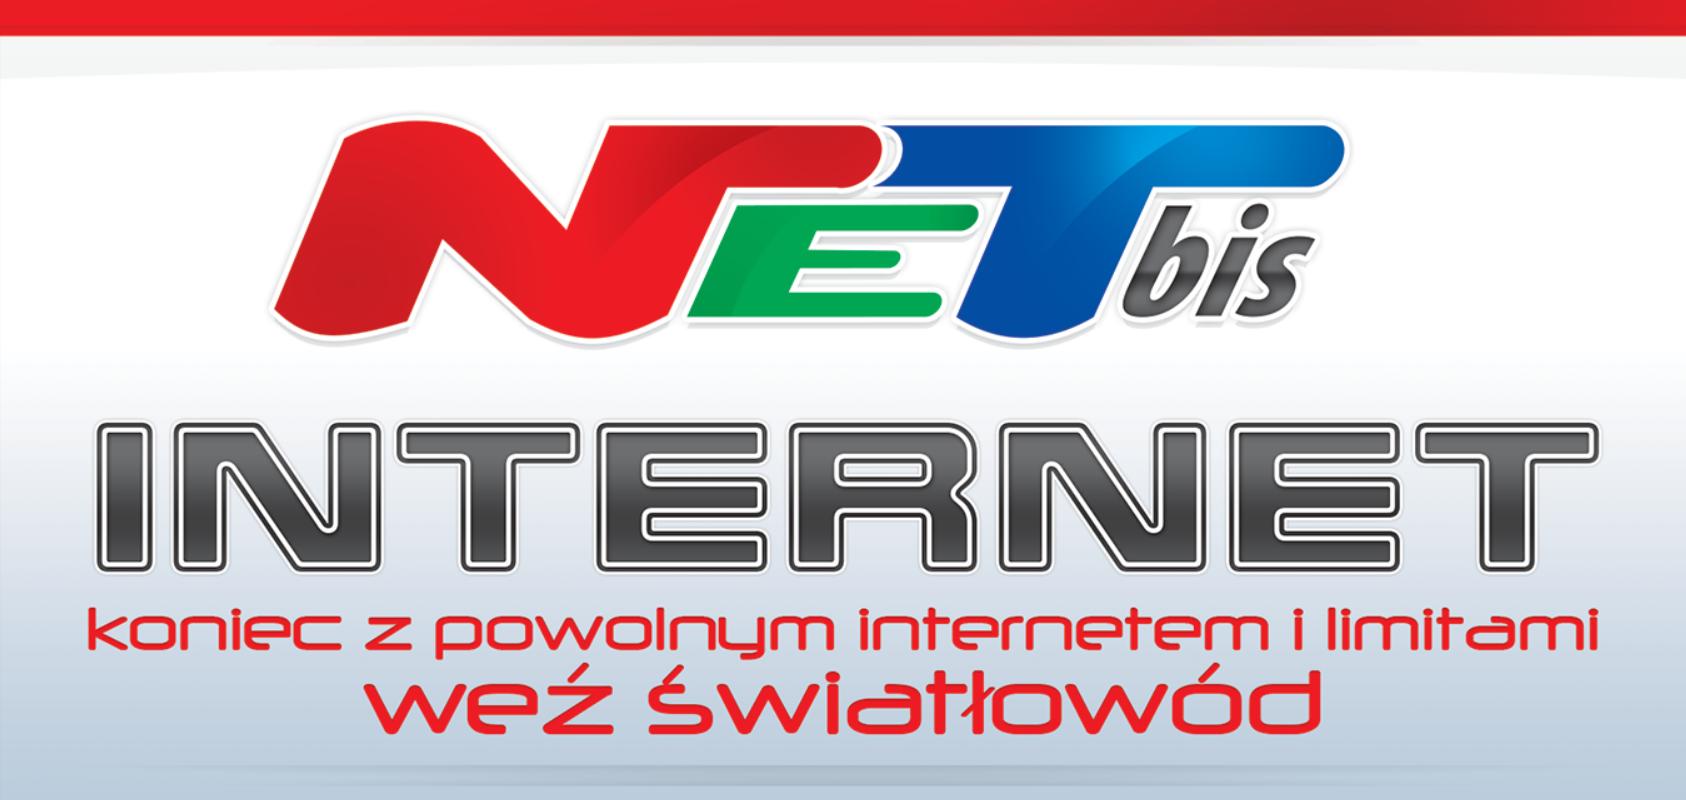 NETbis internet ogolny